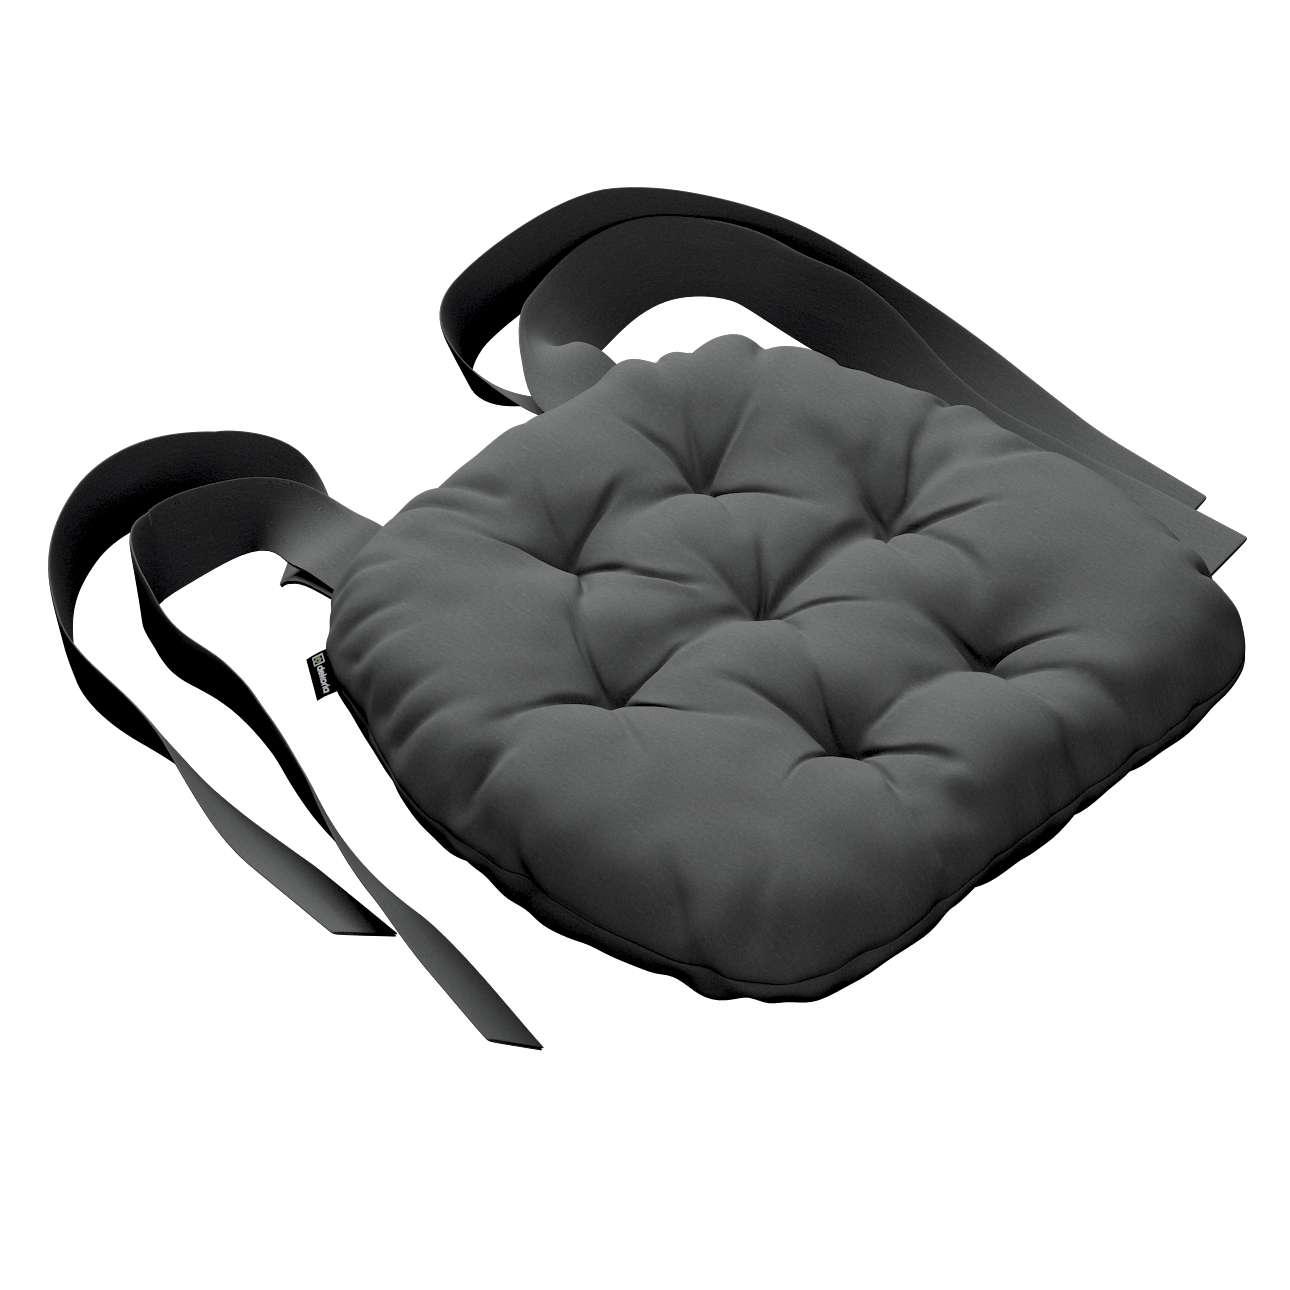 Siedzisko Marcin na krzesło 40x37x8cm w kolekcji Quadro, tkanina: 136-14